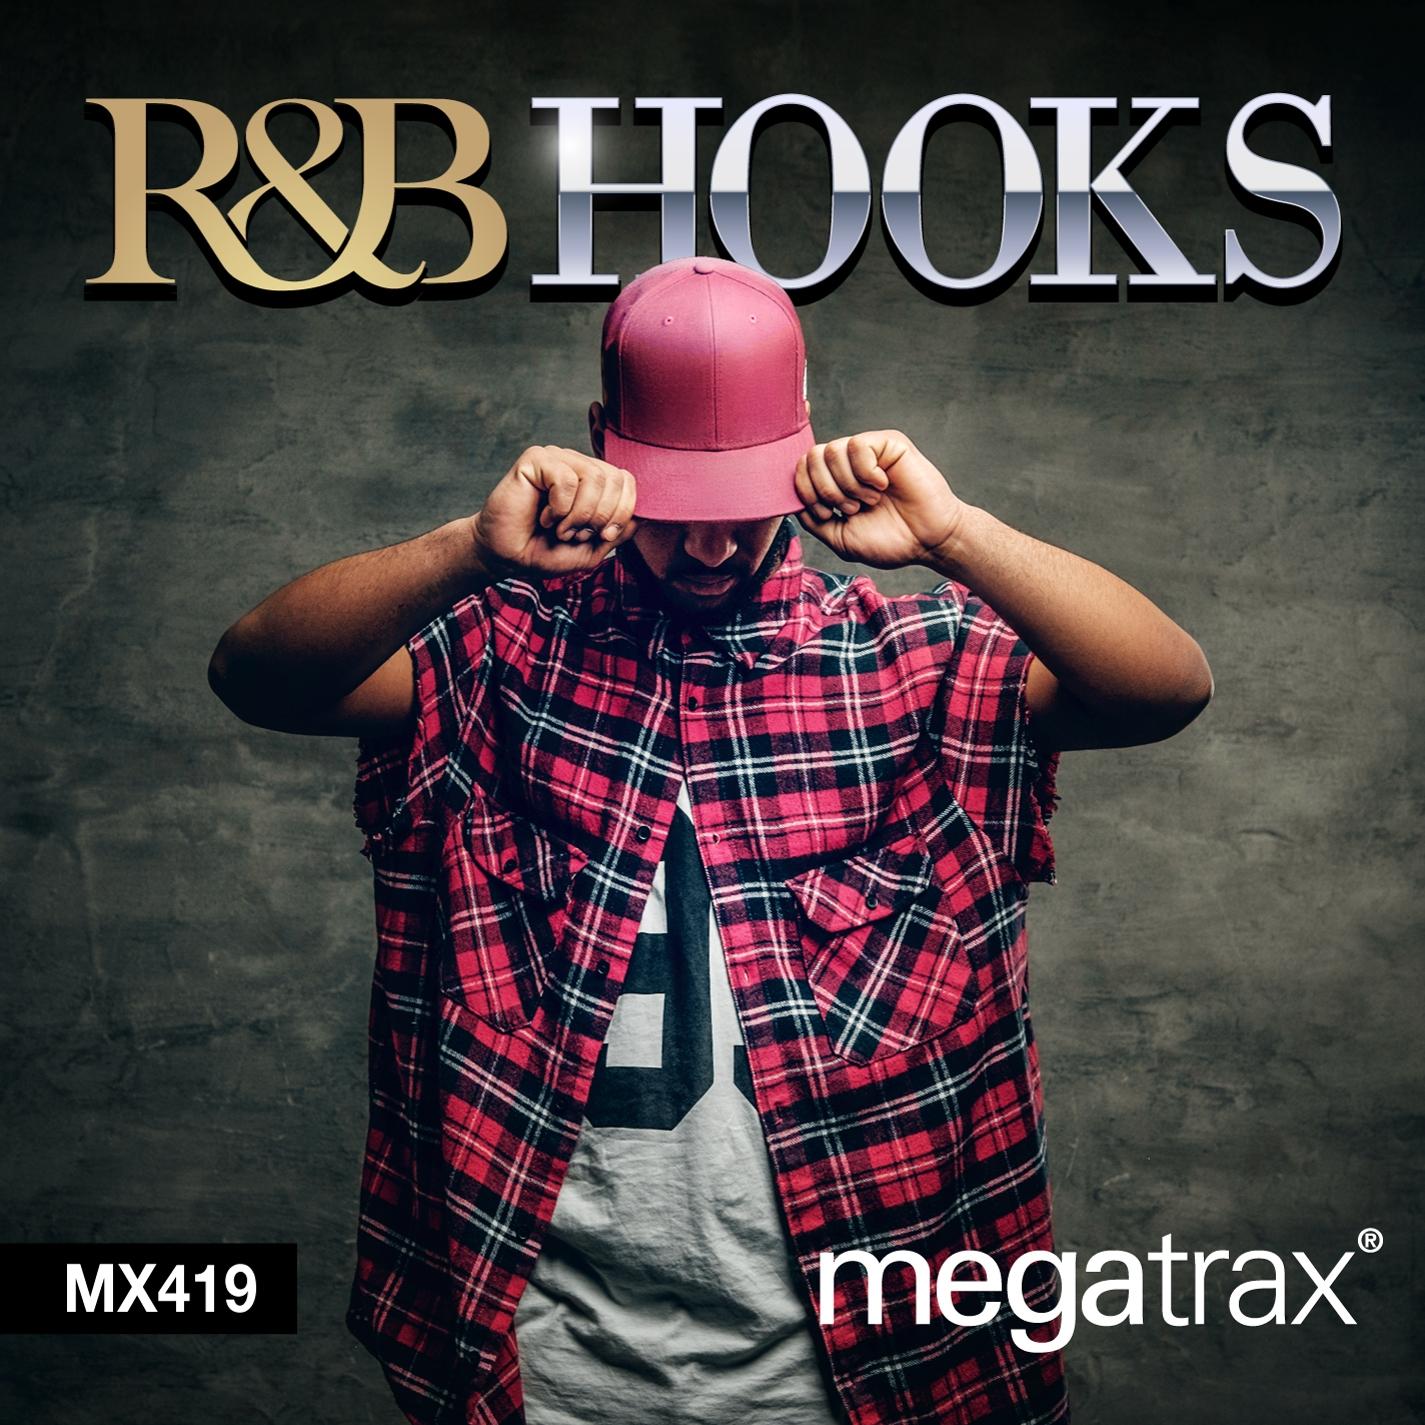 R&B Hooks